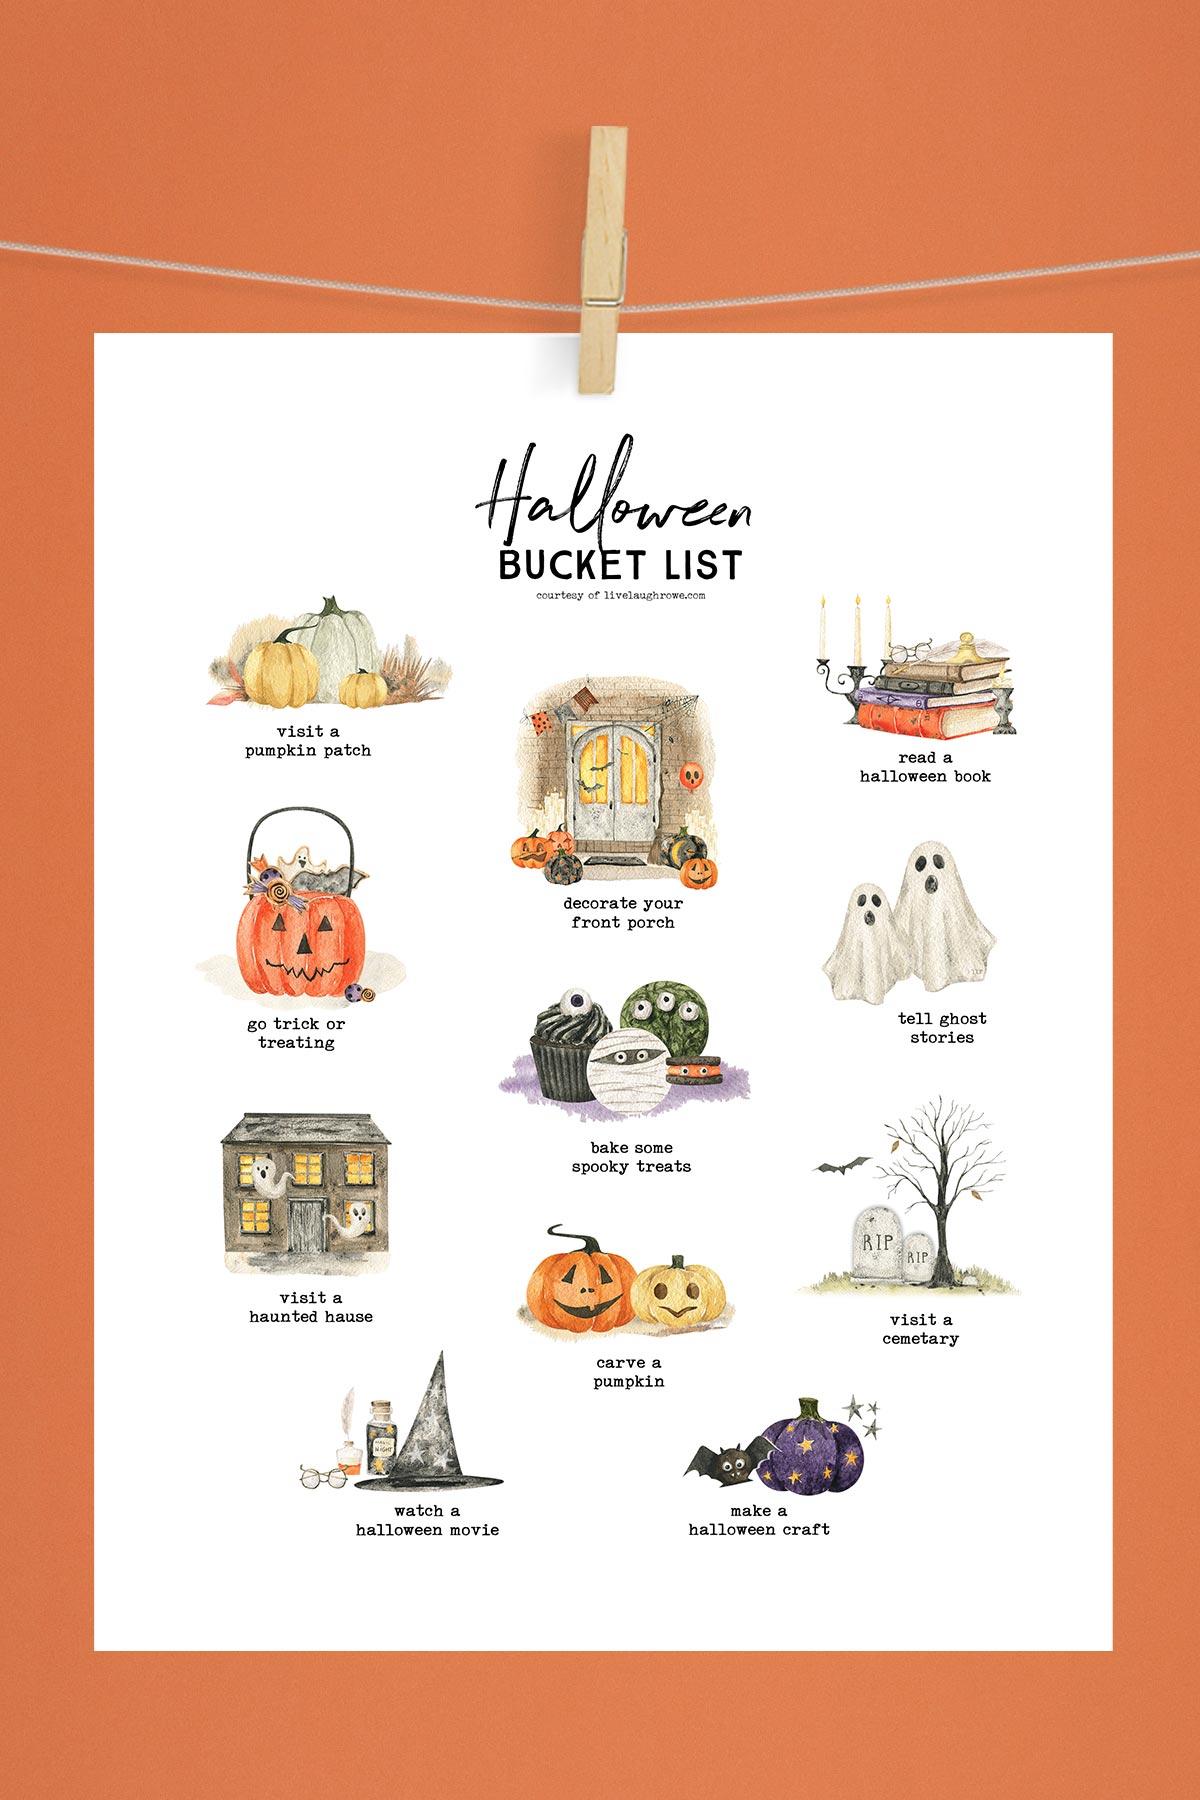 Spooky Season Bucket List